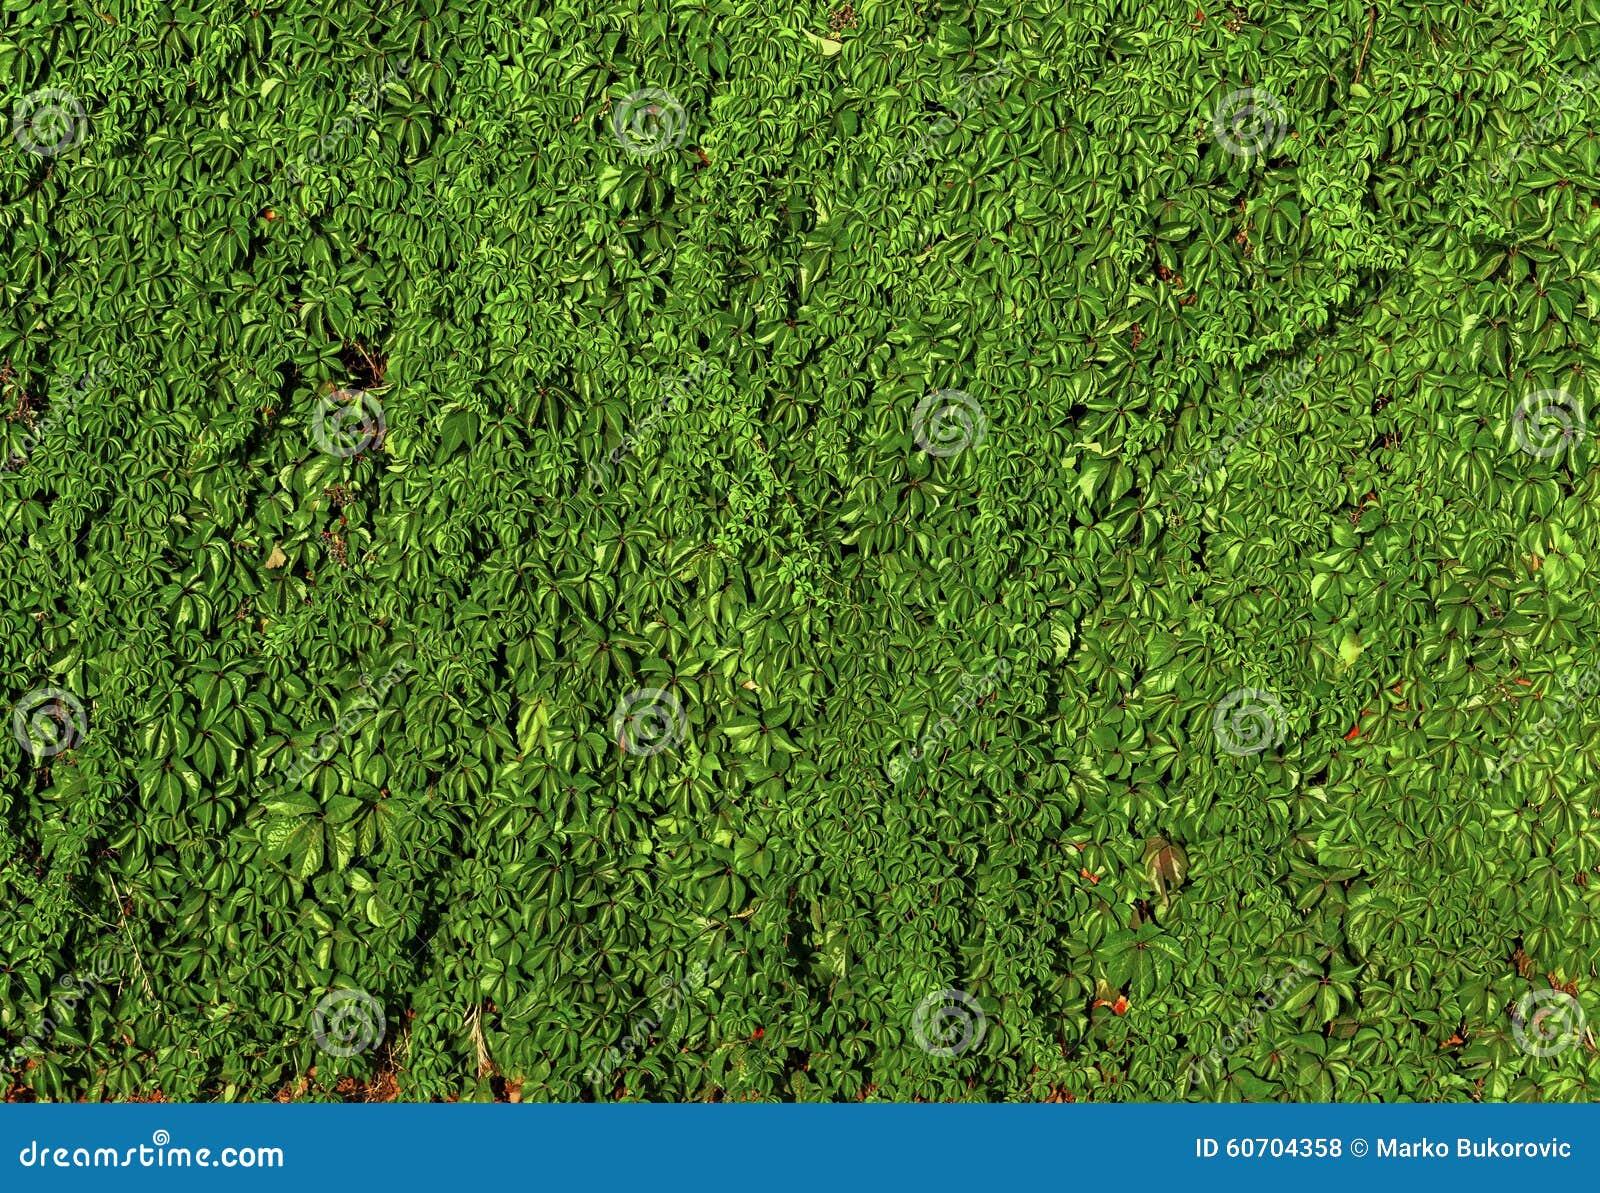 beaucoup de plante grimpante verte de haie de lierre sur le mur de ciment photo stock image. Black Bedroom Furniture Sets. Home Design Ideas